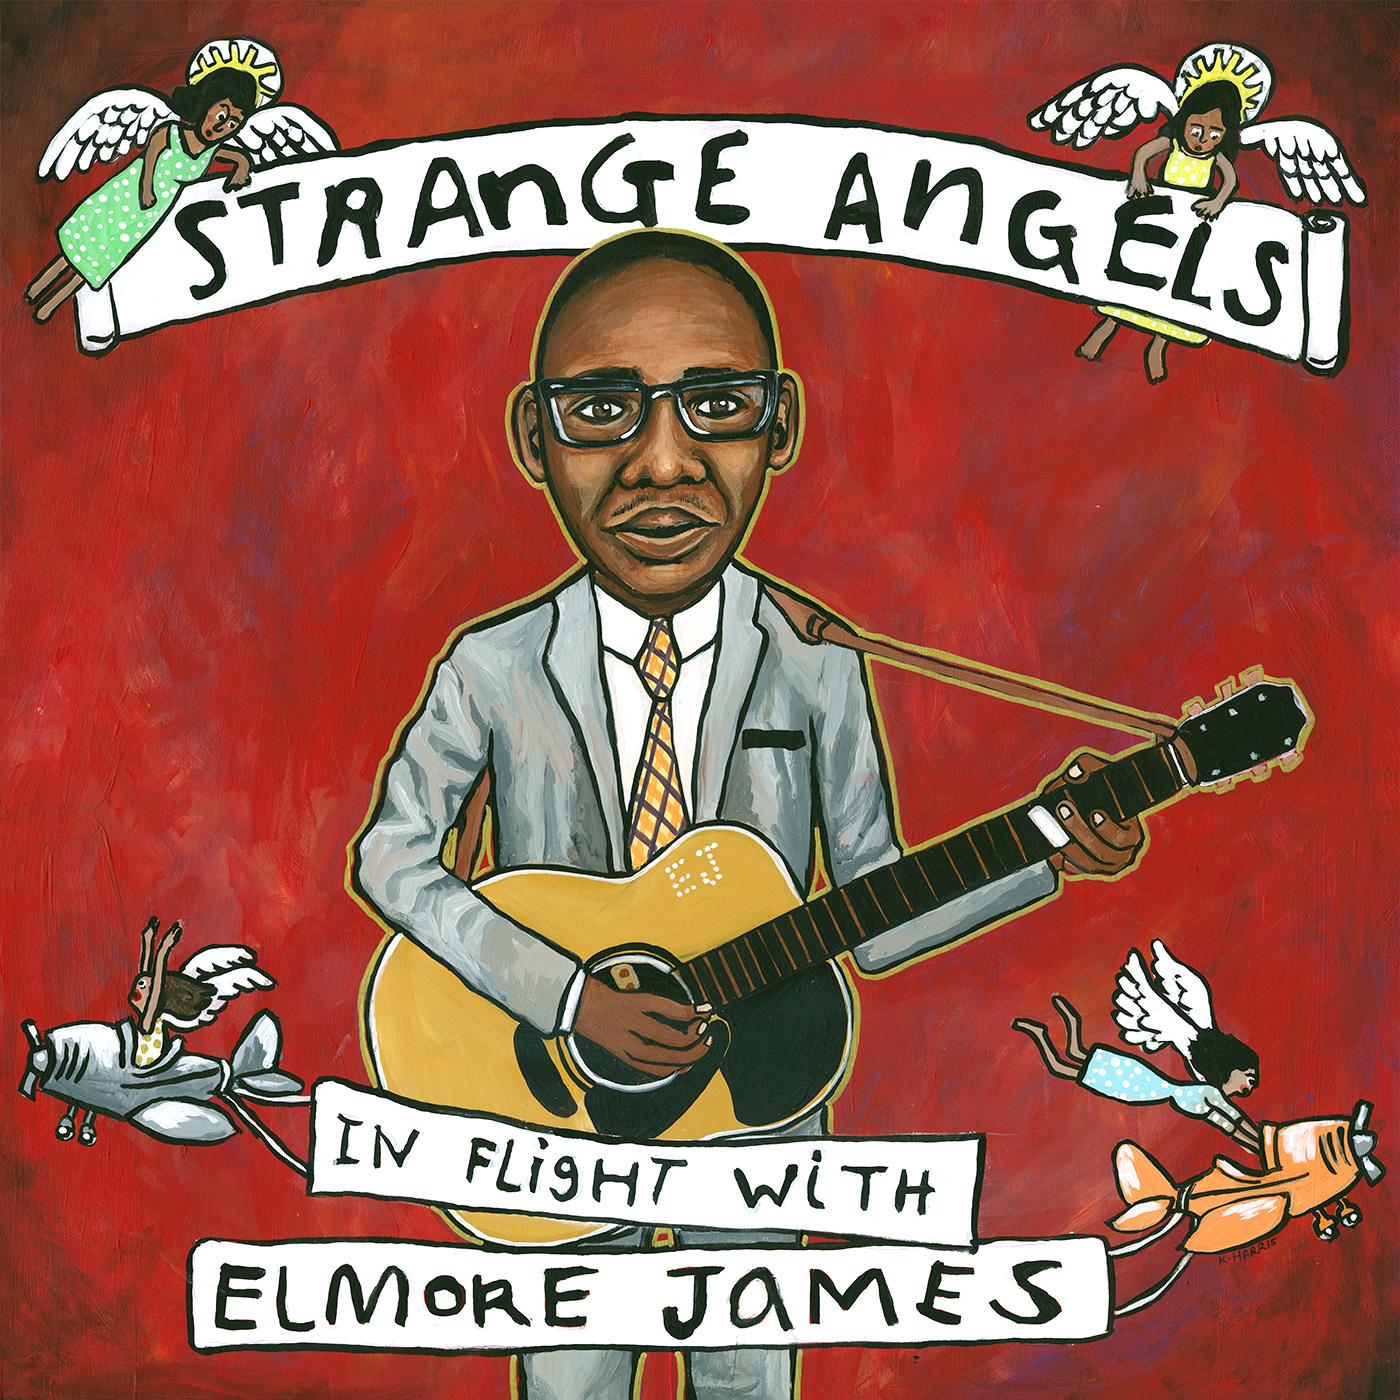 Elmore James Cover.jpg